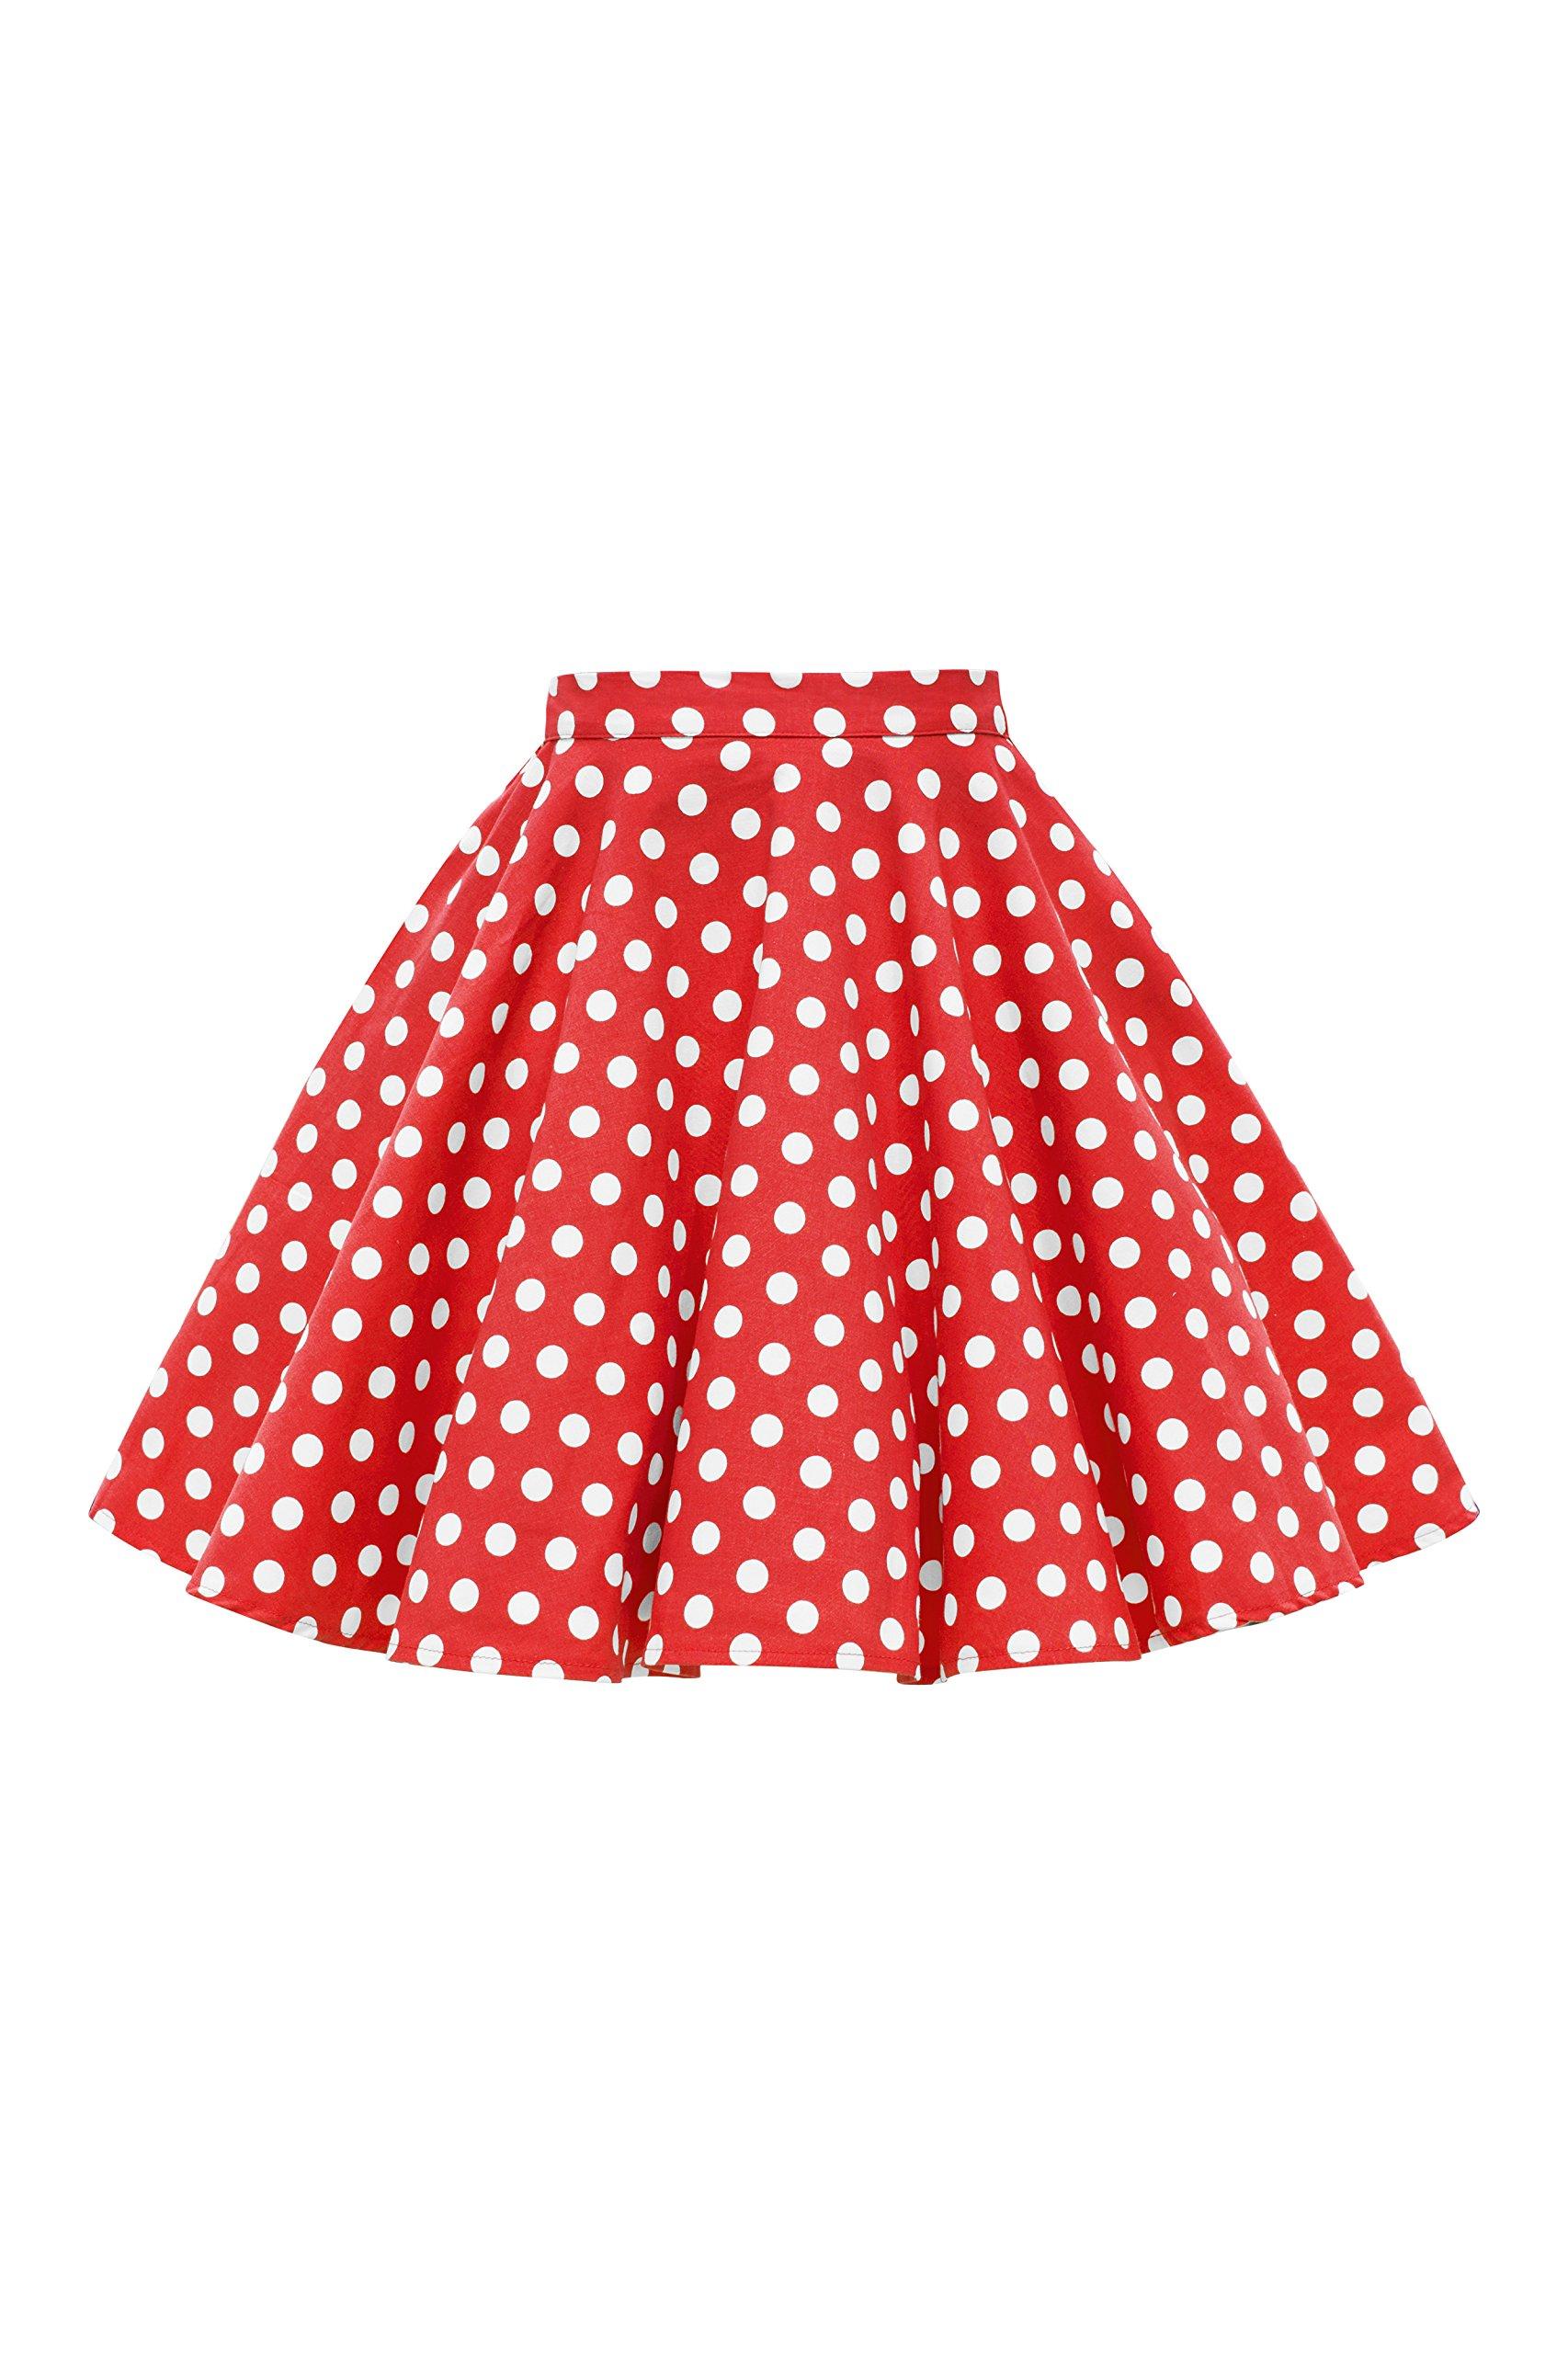 BlackButterfly Kids Vintage 50's Full Circle Girls Swing Skirt (Polka Dot - Red, 9-10 yrs)